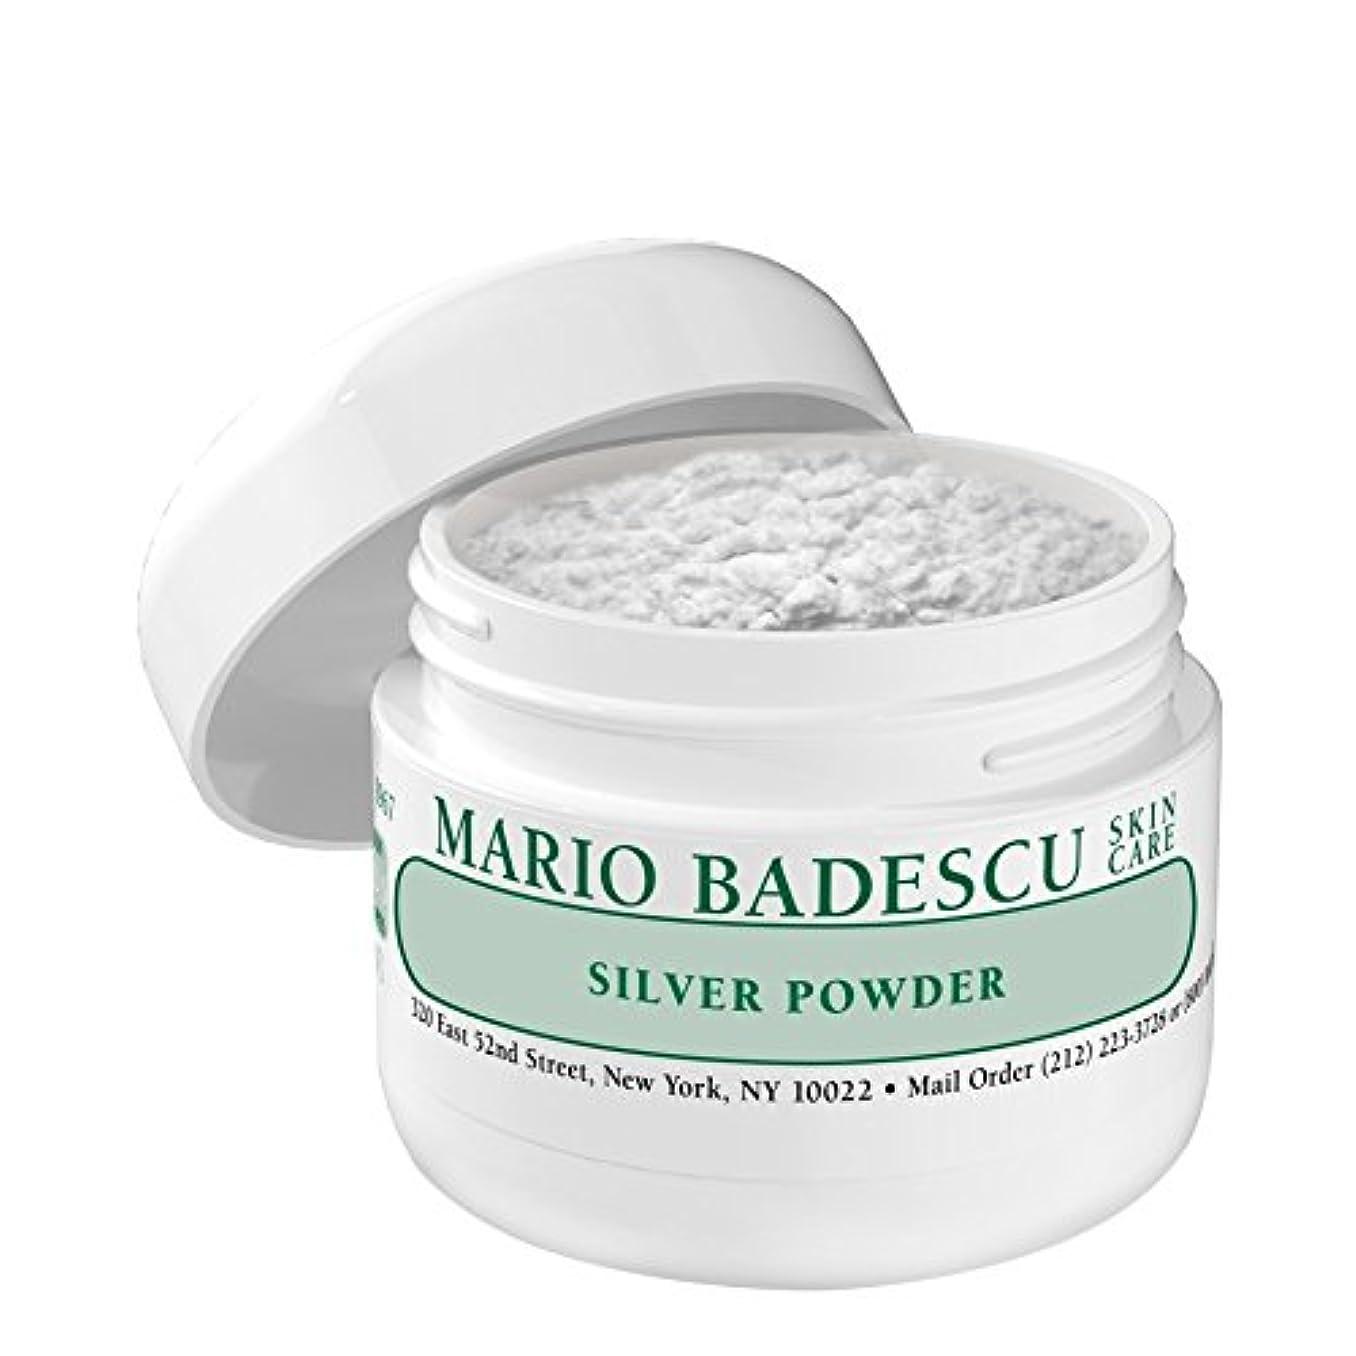 カフェテリアトラフィック事実マリオ?バデスキュー銀粉末 x4 - Mario Badescu Silver Powder (Pack of 4) [並行輸入品]